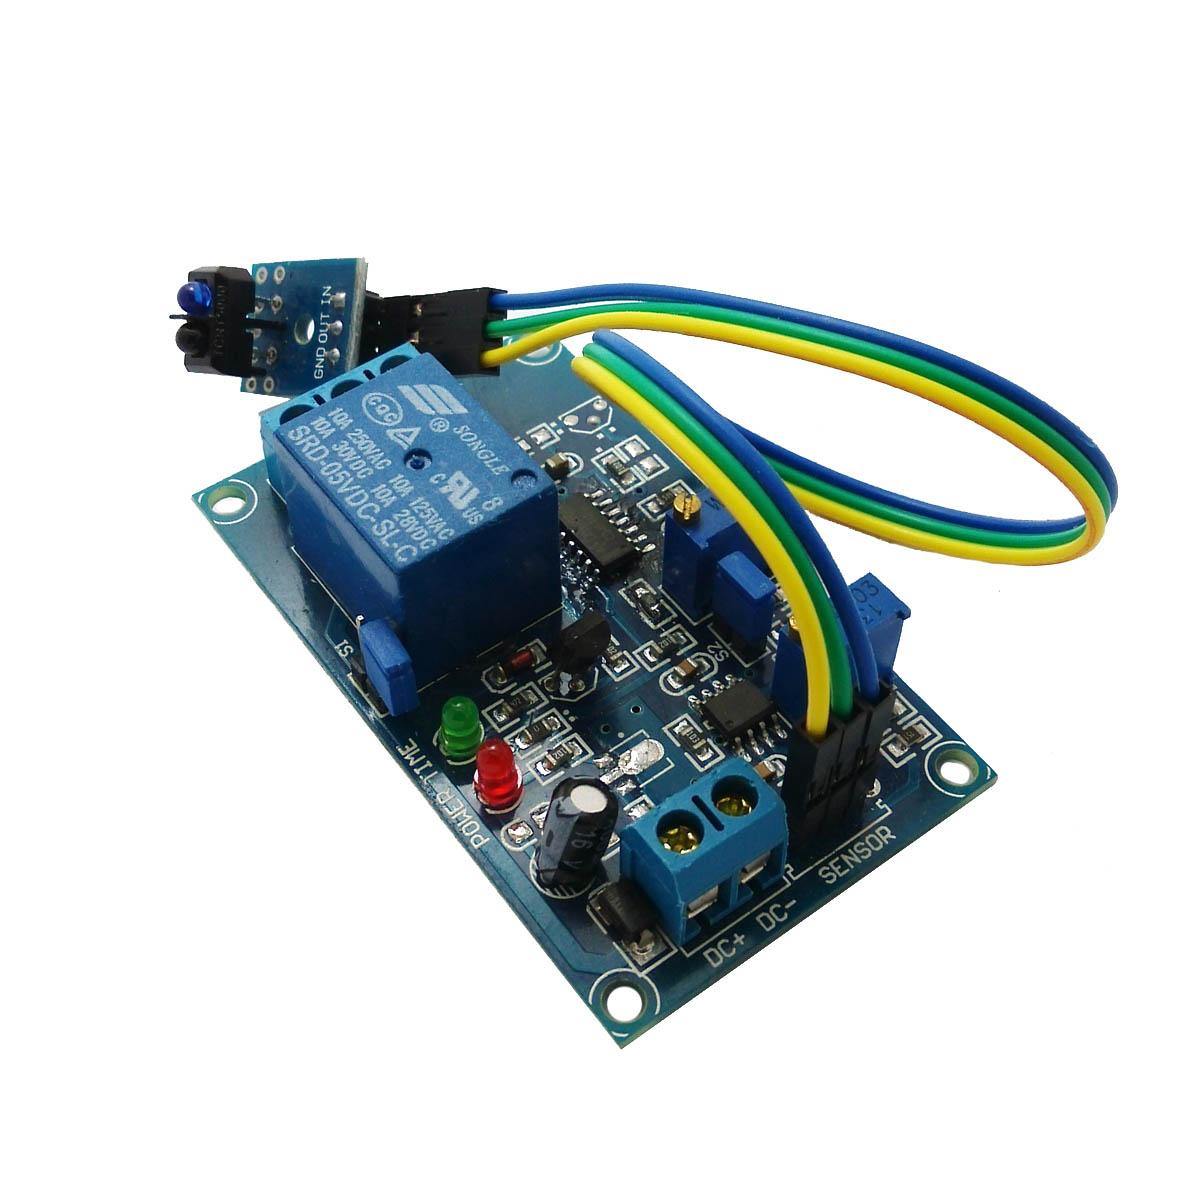 供应20901 5v tcrt5000延时继电器模块 (有反射触发延时)小板带